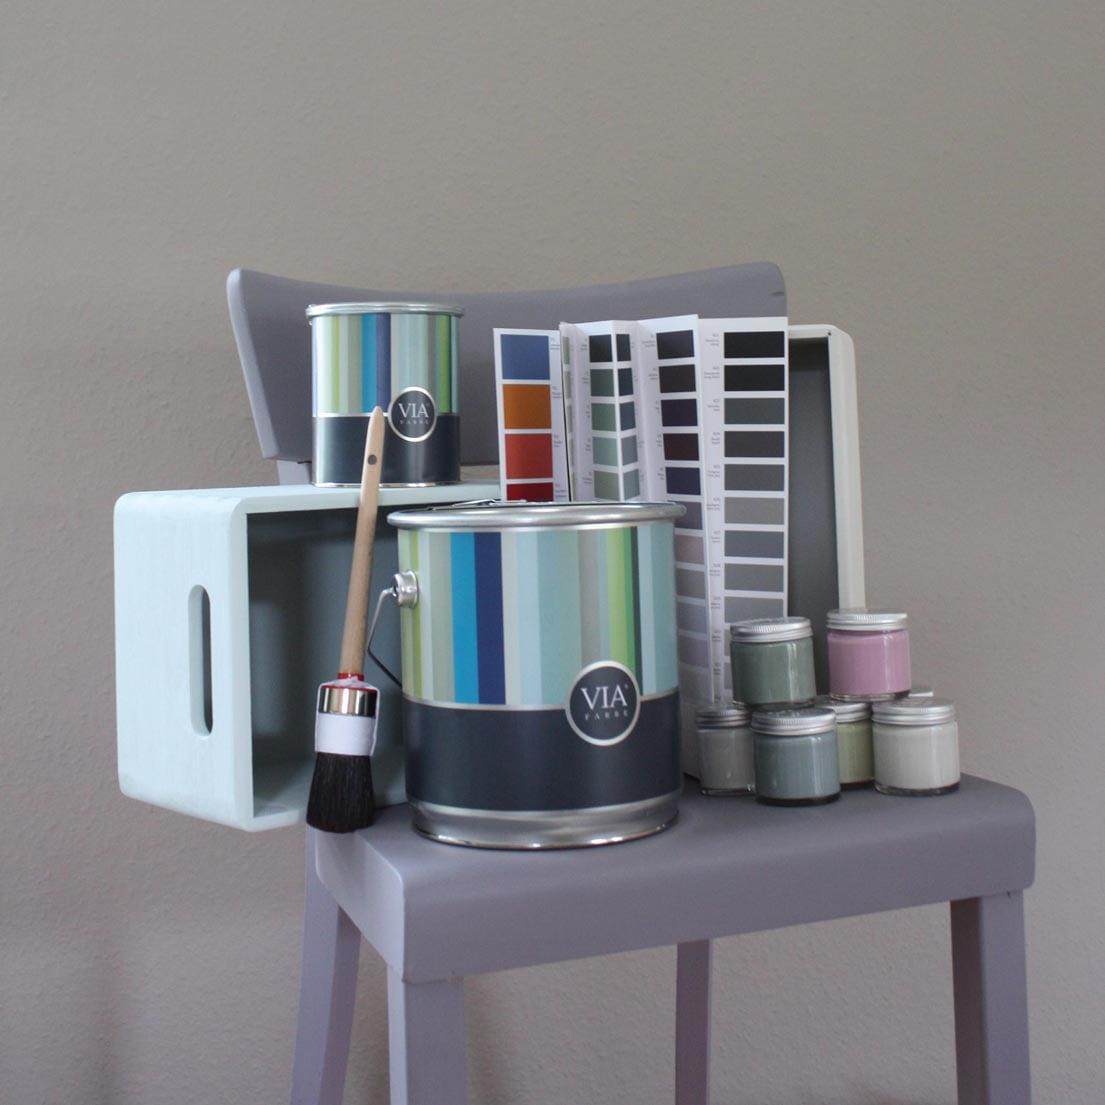 VIA-Kreidefarbe-Eimer-Gläschen-Farbfächer